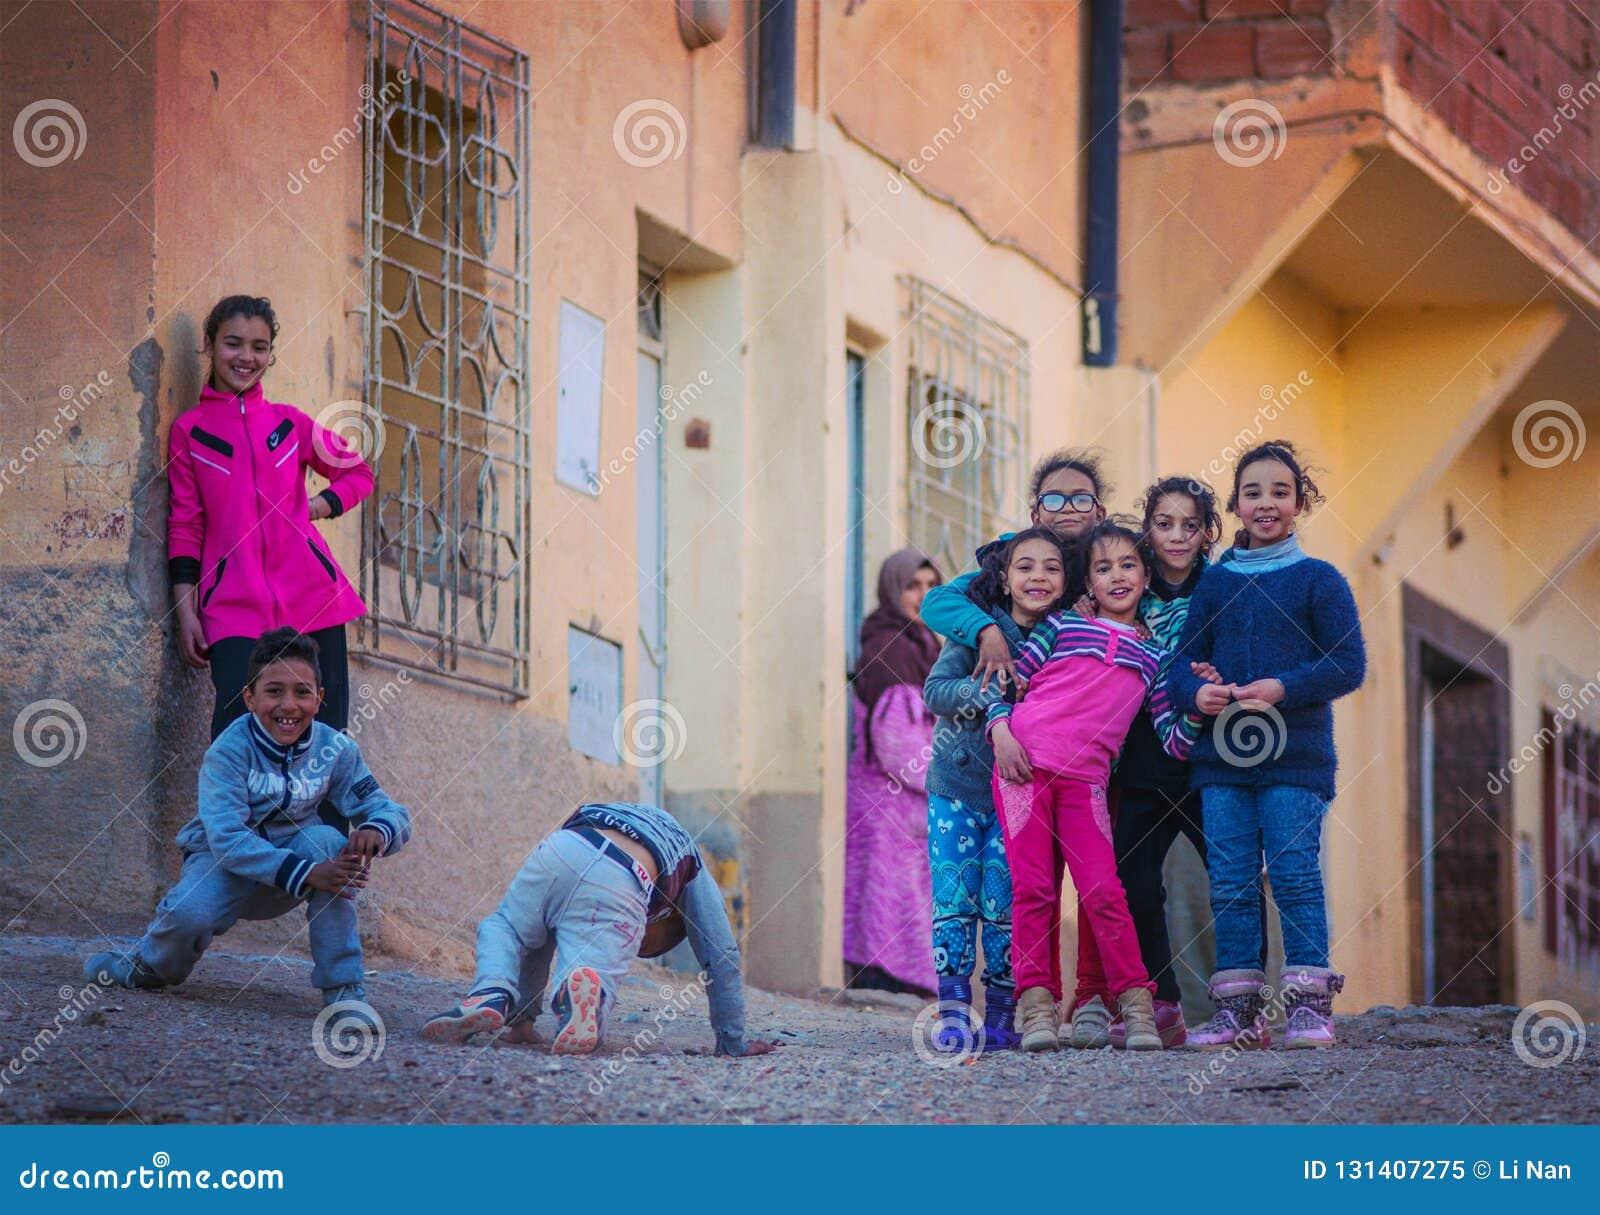 Crianças amigáveis pobres felizes menina e menino na vila de Marrocos com casa velha